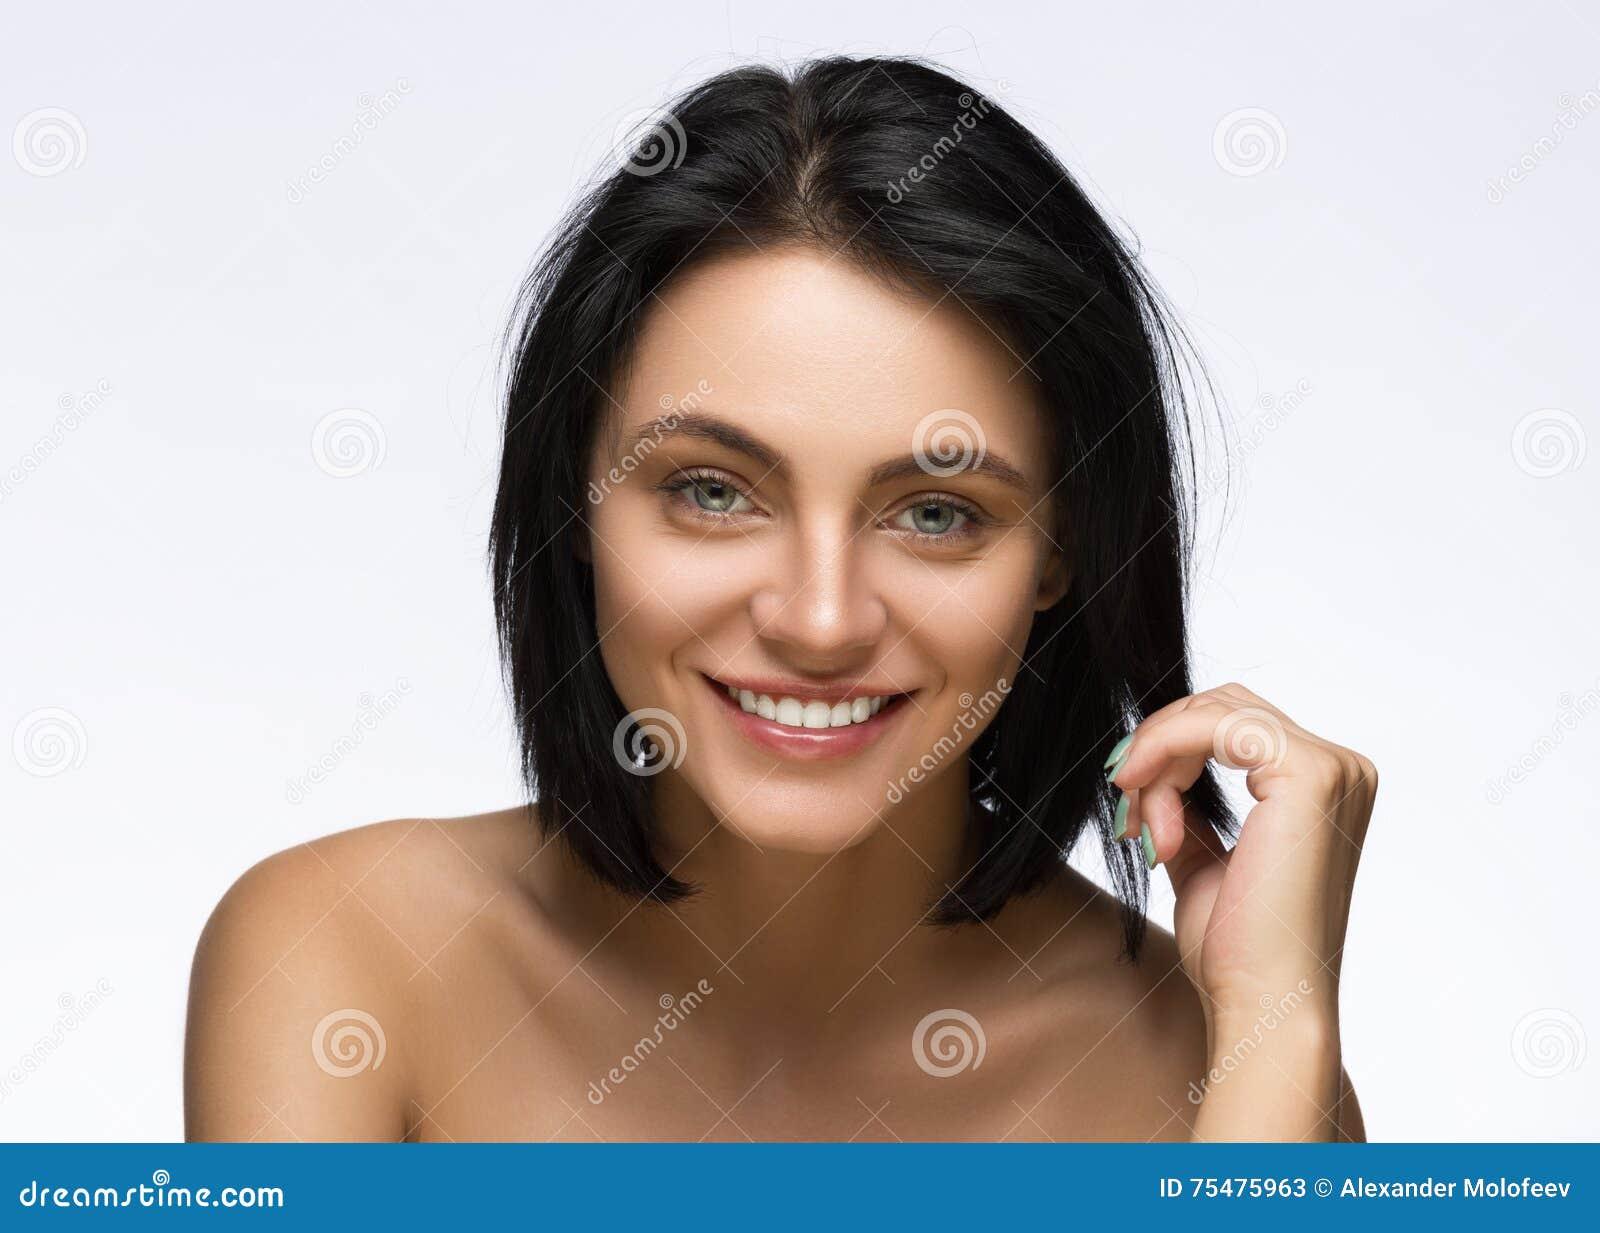 Mody ostrzyżenie fryzury Elegancki kraniec Nastoletnia Dziewczyna z Krótkim Włosianym stylem Piękno nastolatka portret